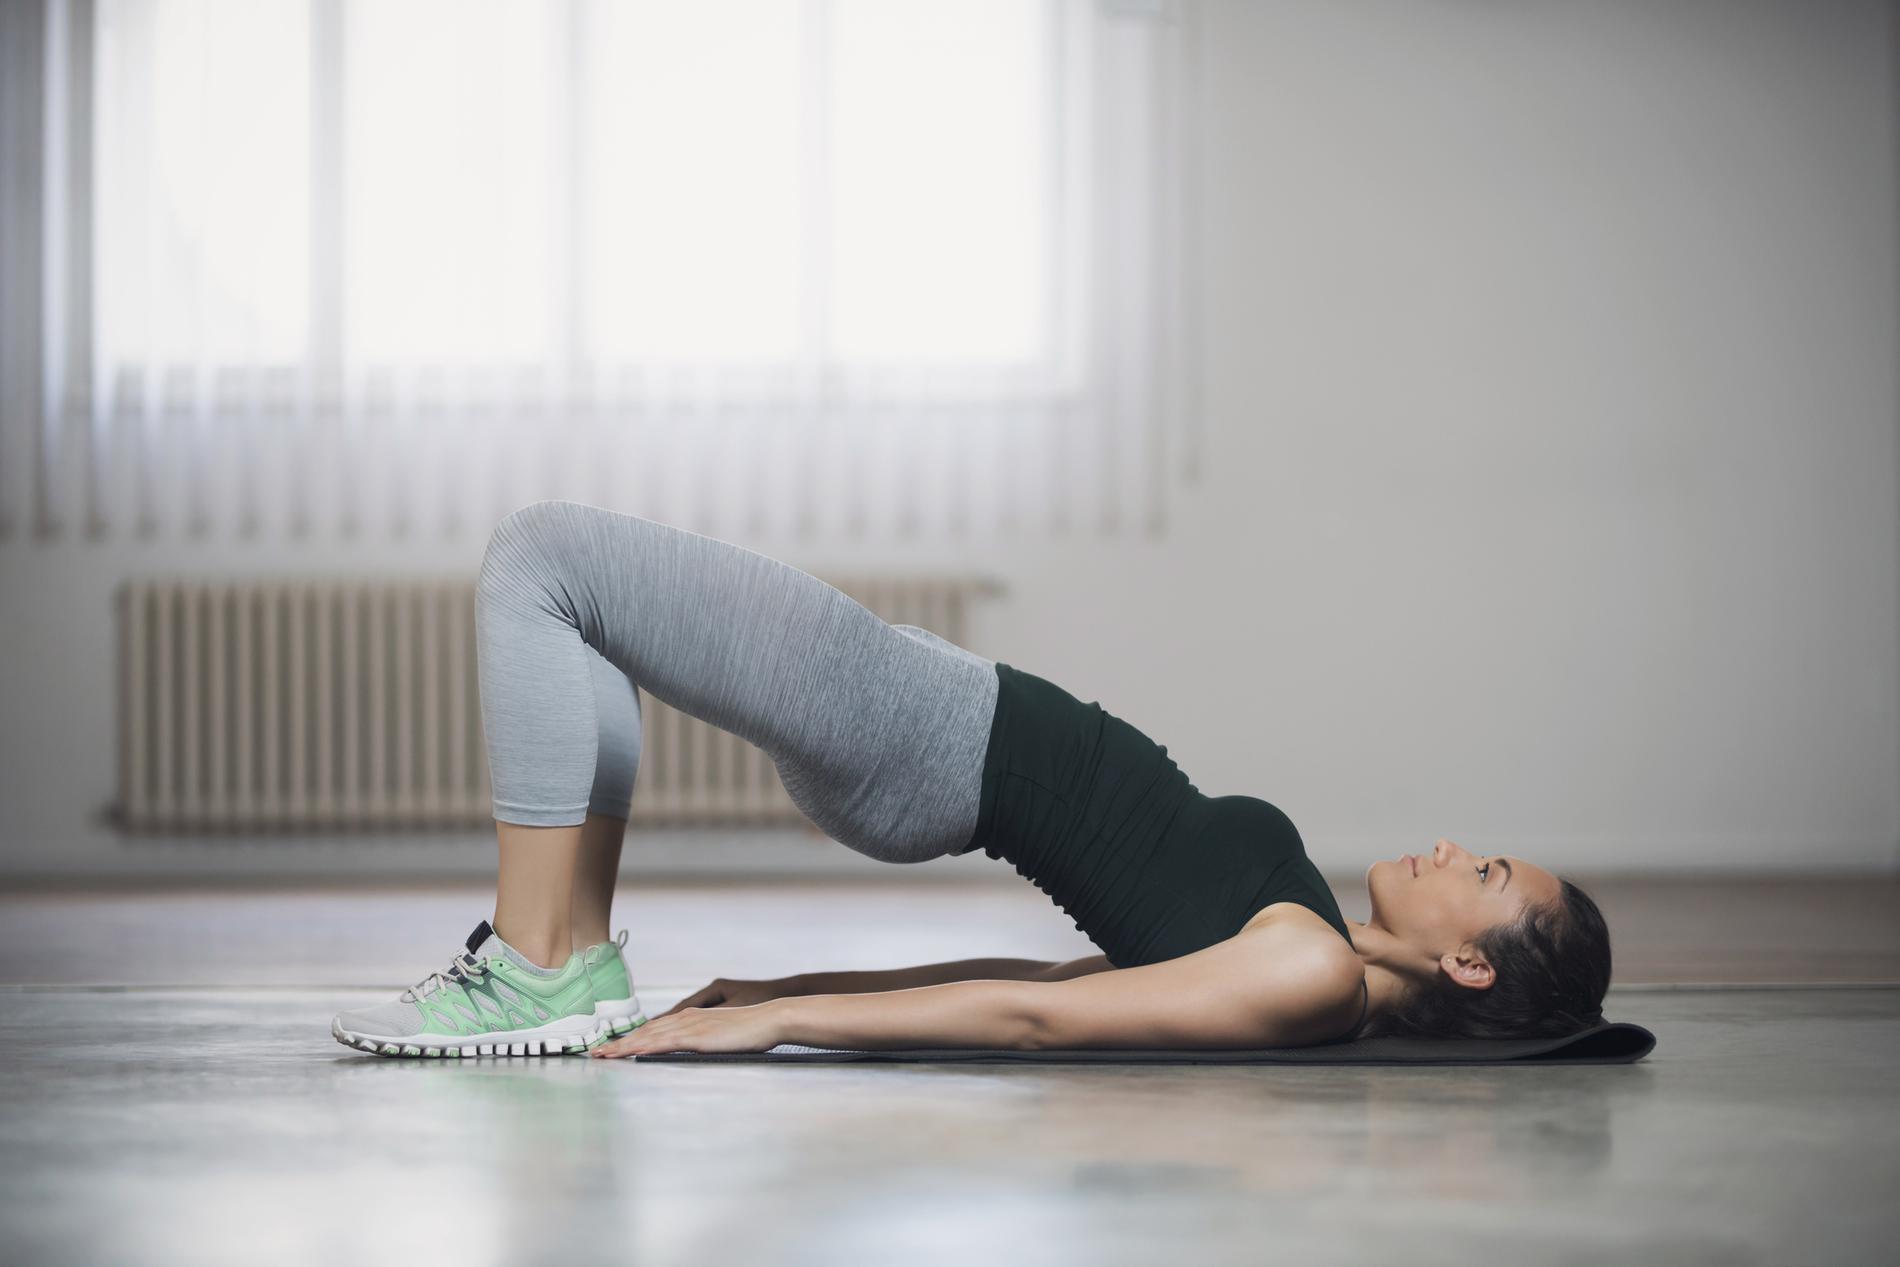 Les 15 minutes de Pilates qui gomment le petit ventre - Madame Figaro fe32b6b378c